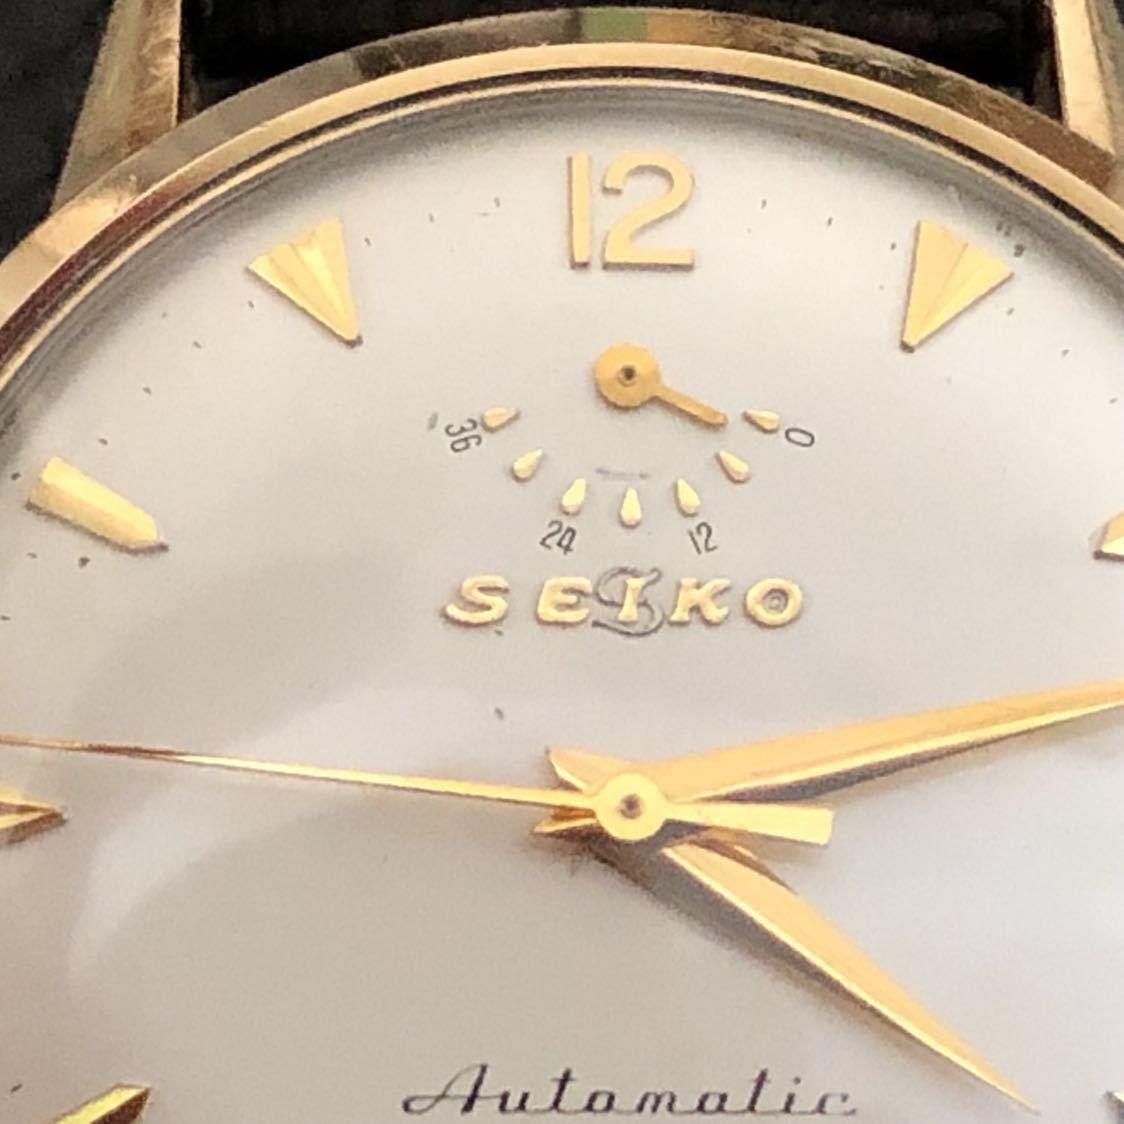 美品 超希少な隠れS文字盤 OH済 SEIKO インジケーター 11A(国産自動巻腕時計第1号) 21石 14KGF側J14003 オリジナル文字盤_画像6